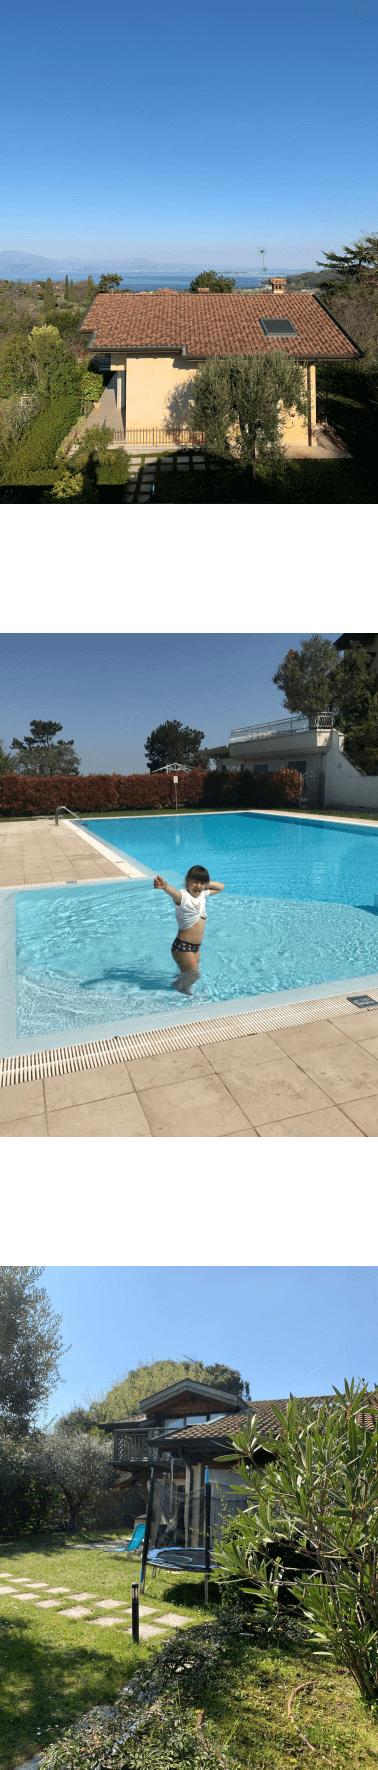 Ville in affitto per vacanze sul Lago di Garda